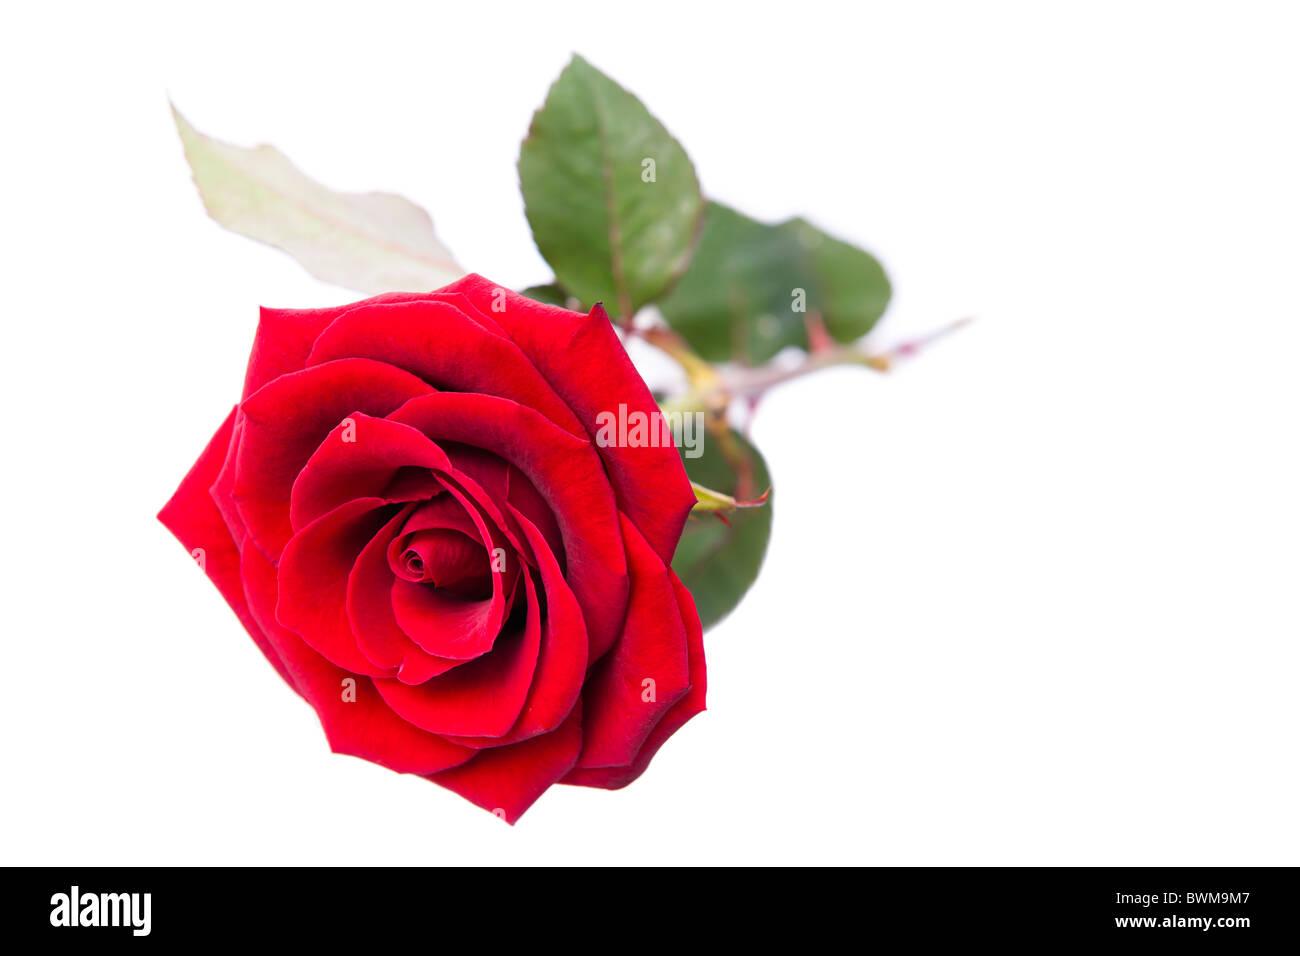 Singola Rosa Rossa Su Uno Sfondo Bianco Foto Immagine Stock